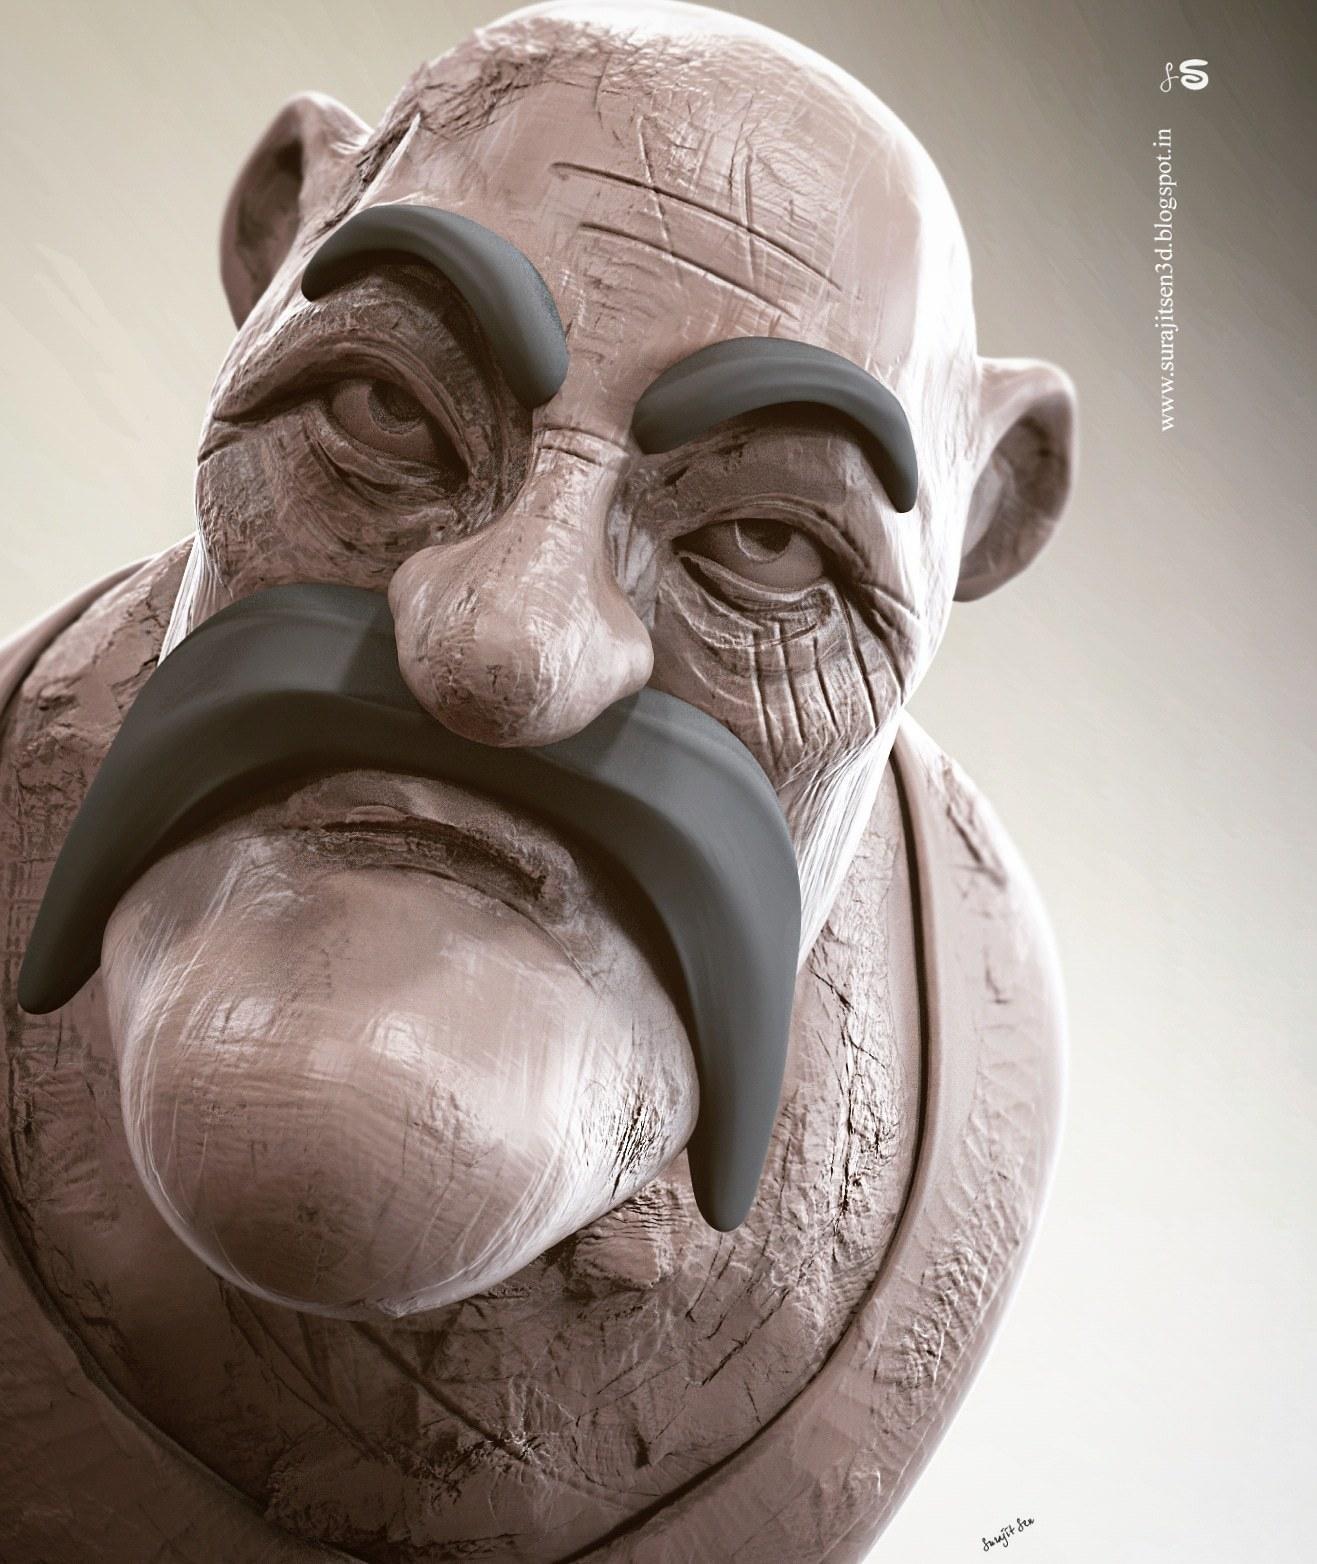 #doodle #quicksculpt #study Robin.  My free time quick Digital sculpt study.